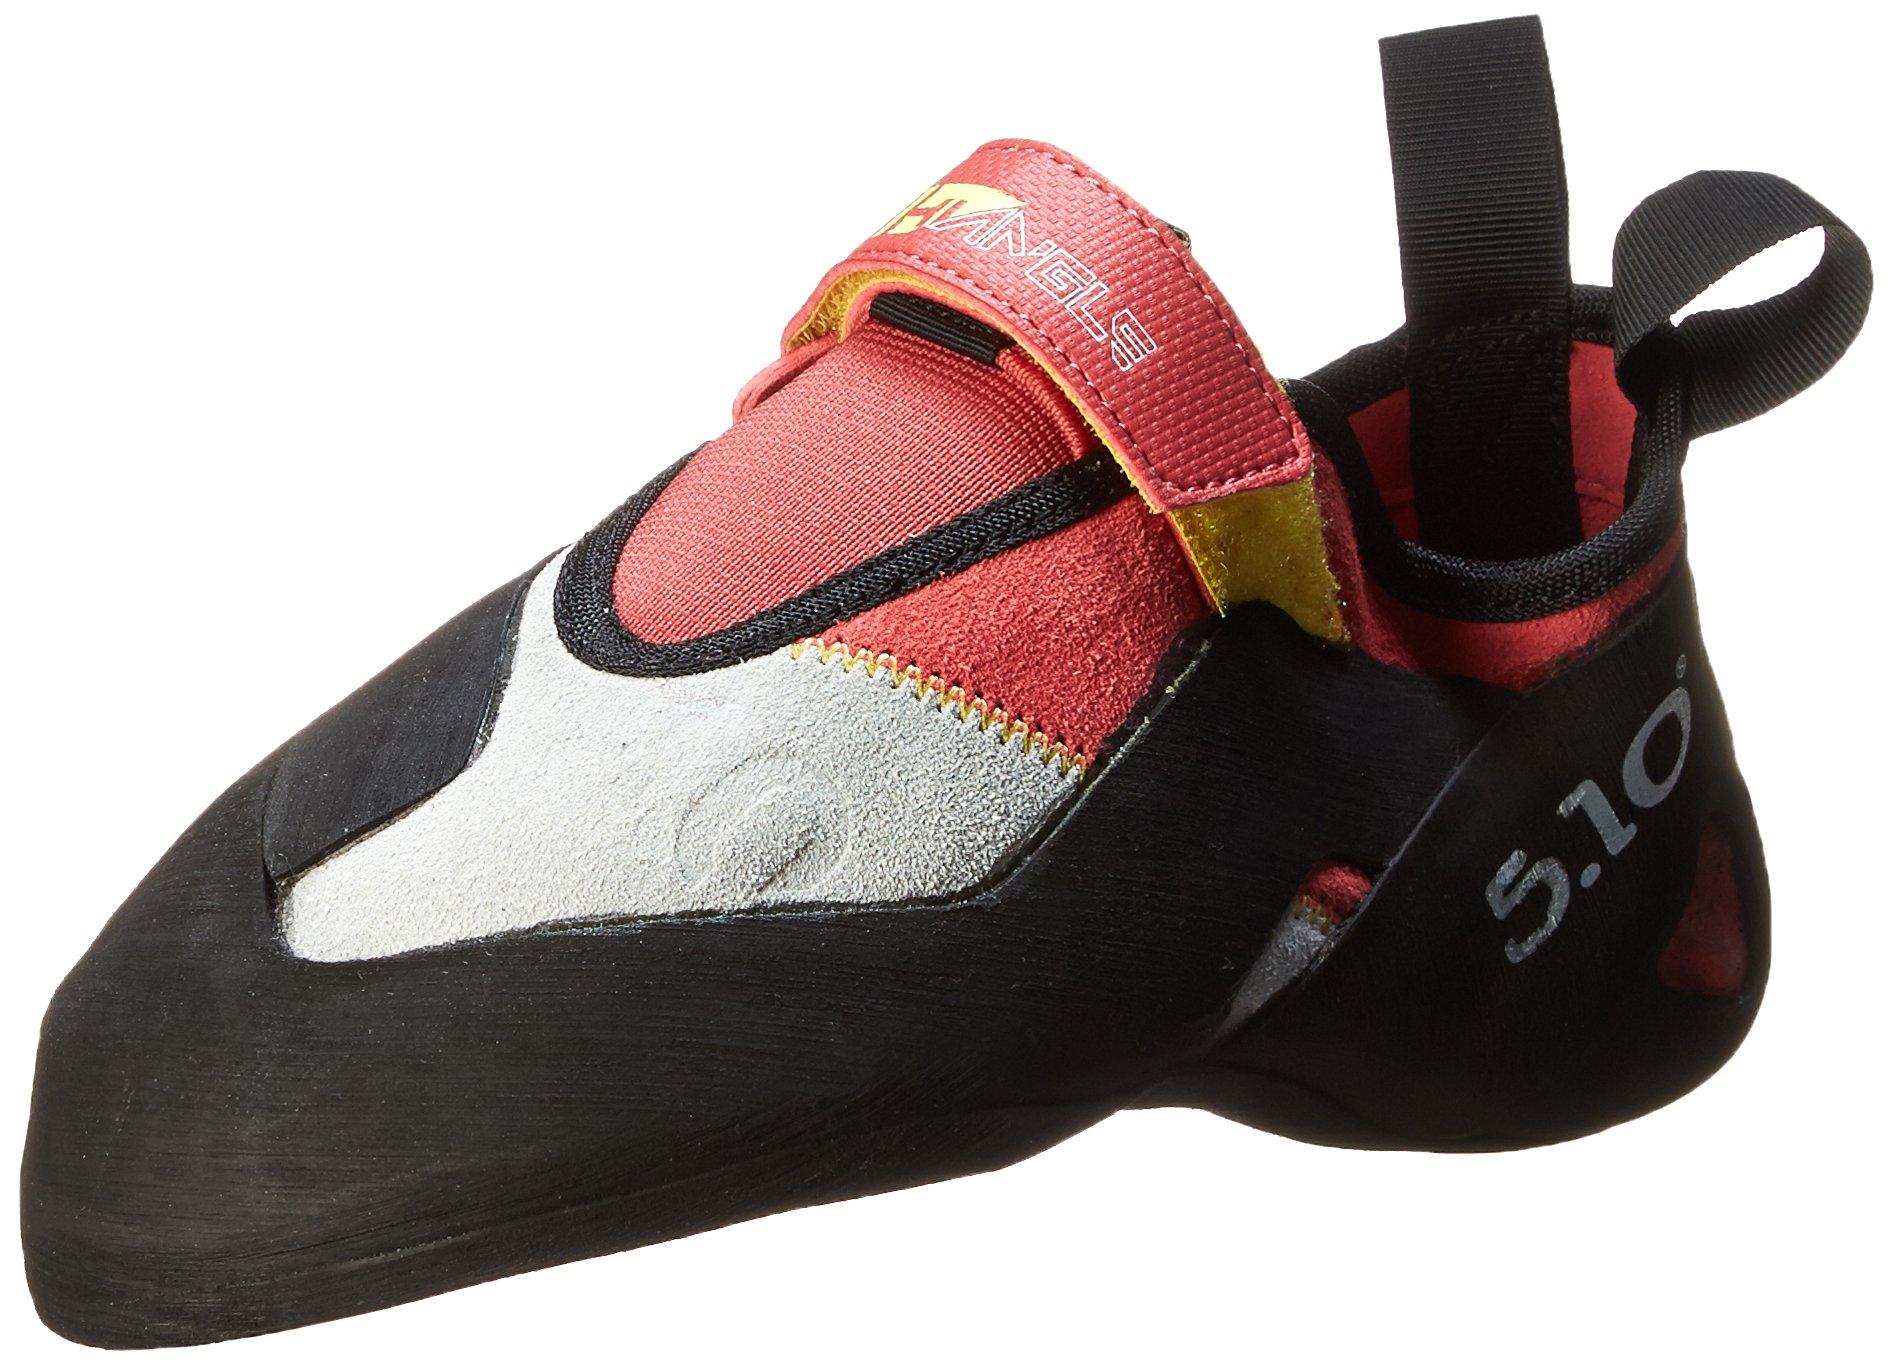 Five Ten Women's Hiangle Climbing Shoe, Pink/Yellow, 10 M US by Five Ten